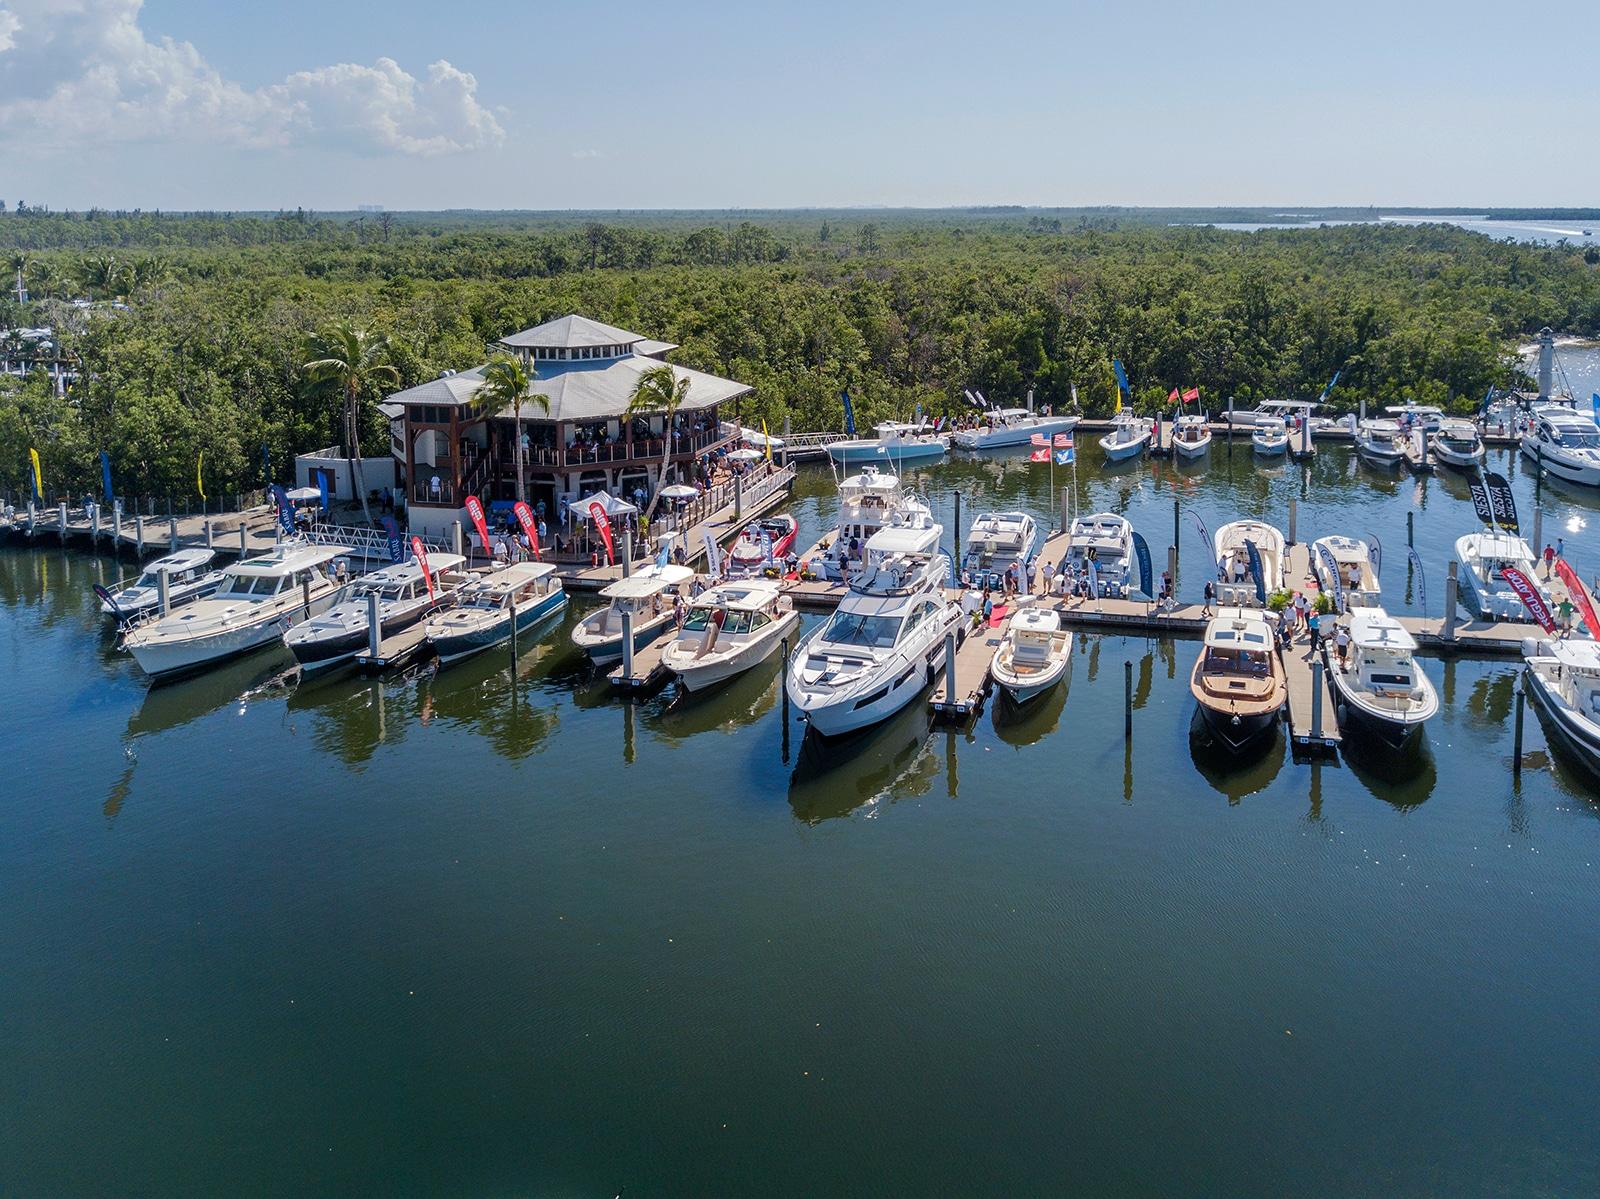 2019 Hamilton Harbor Boat Show